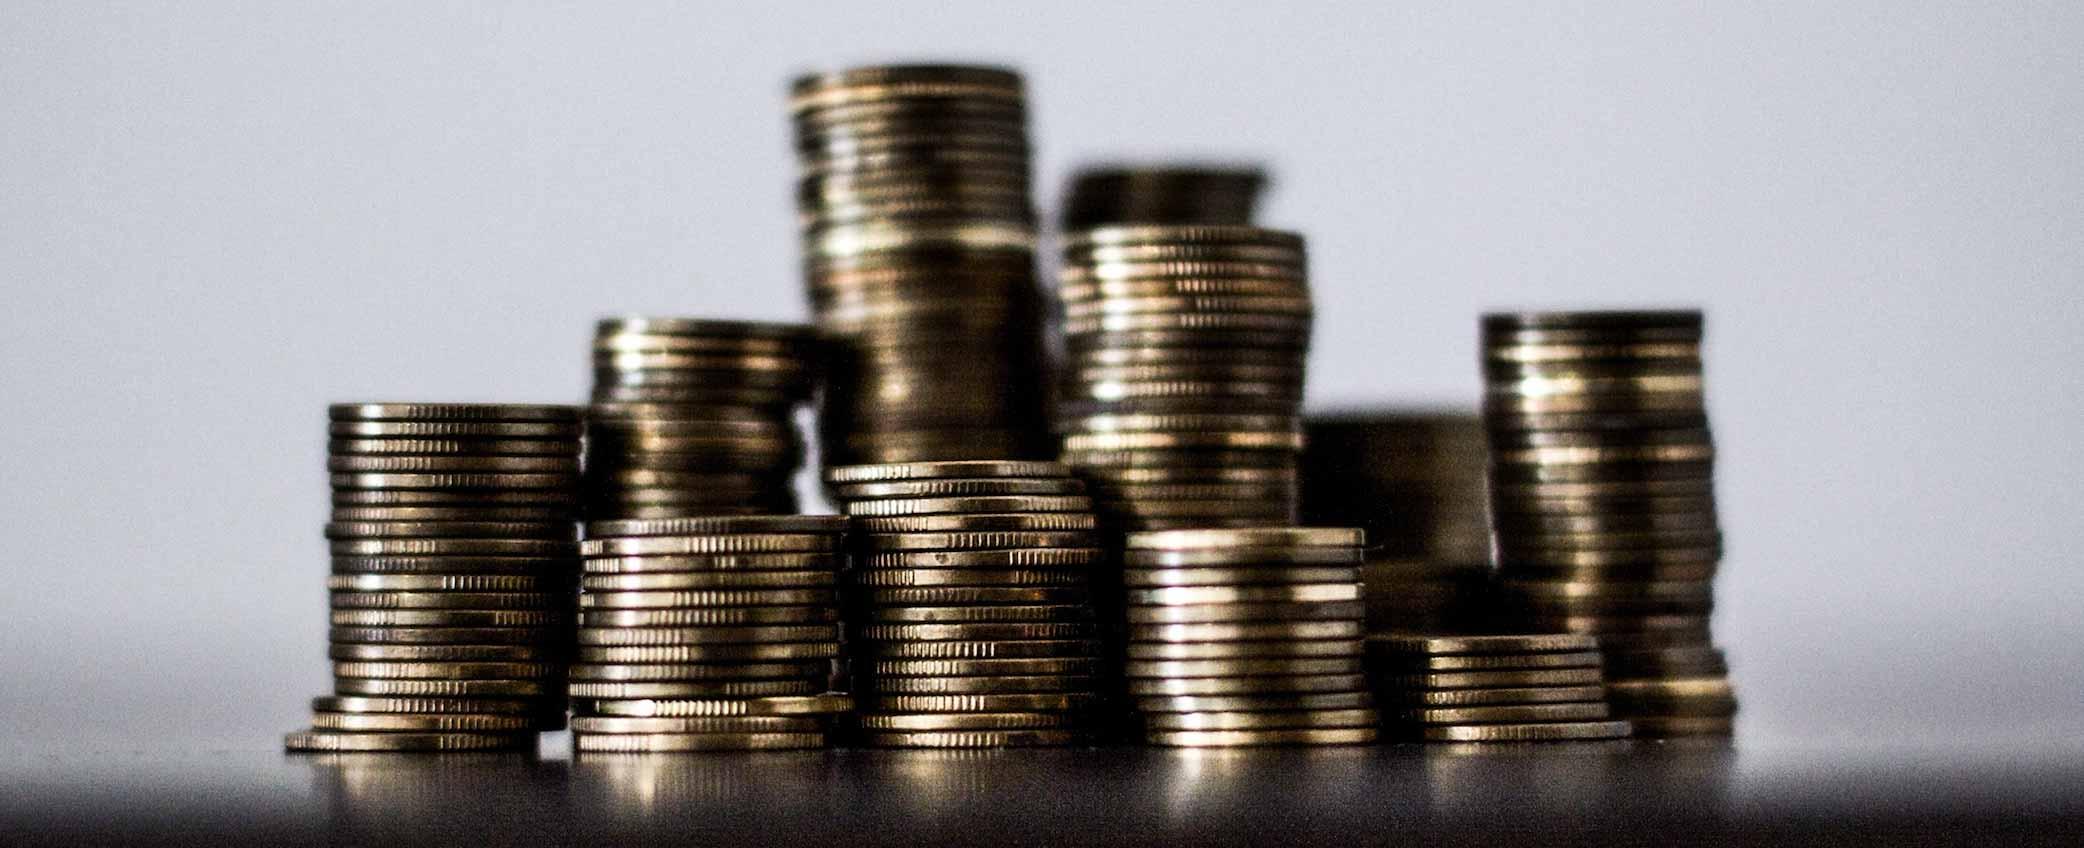 Hvordan vurderes investeringsforeninger